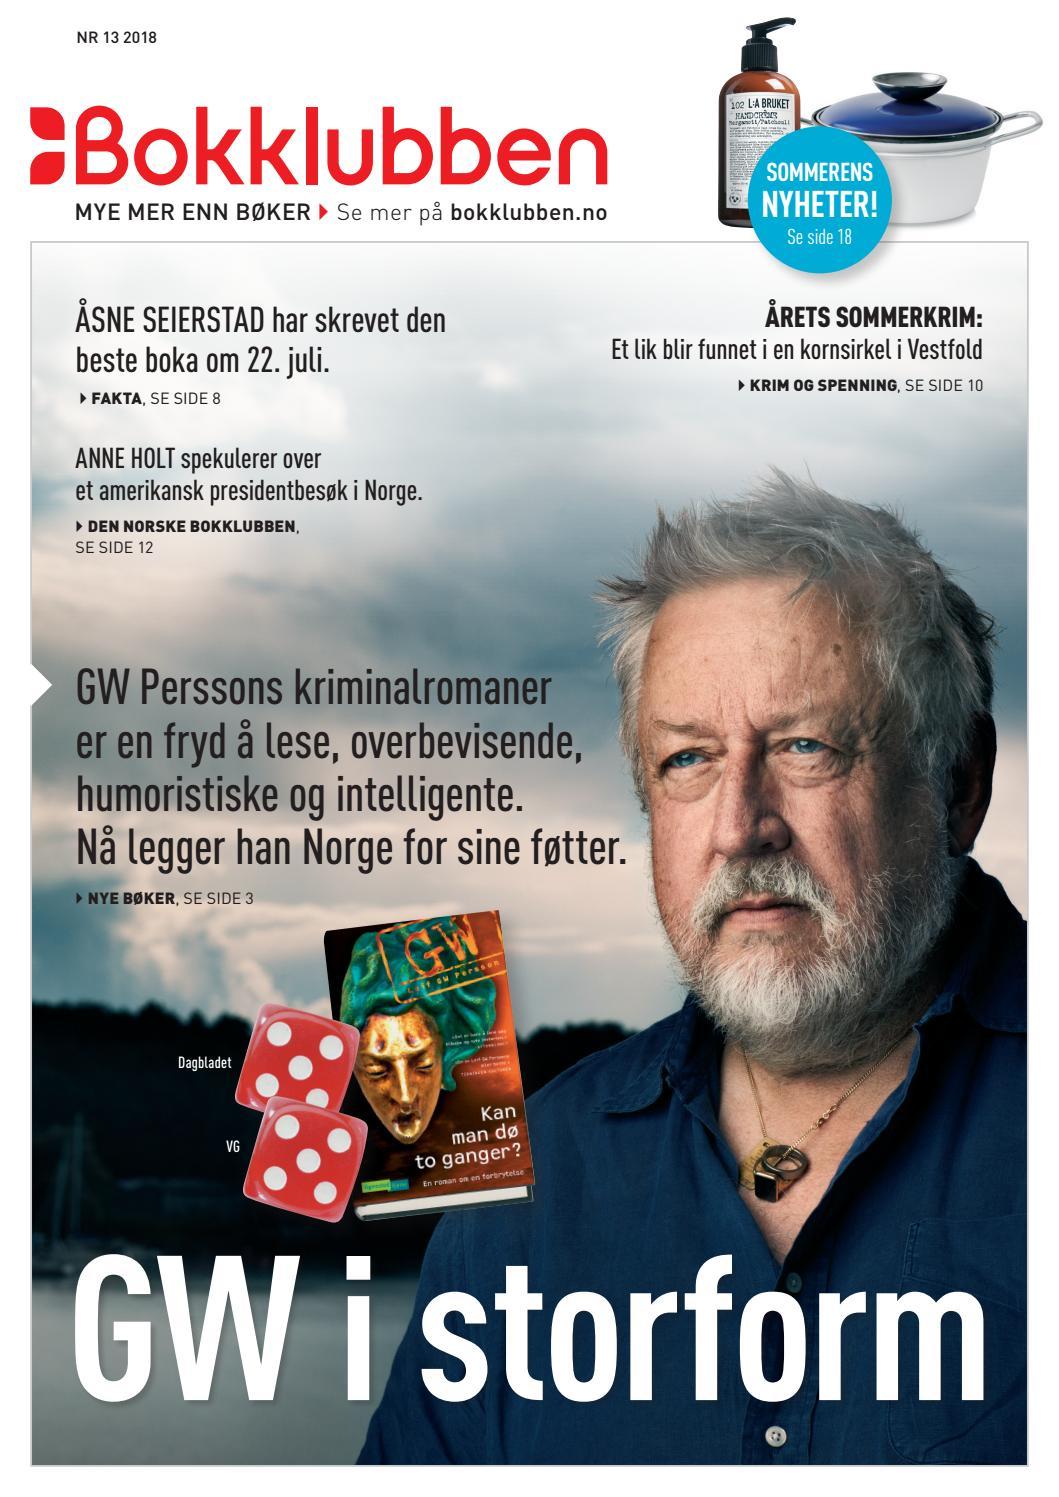 25fa48fd Bokklubben - Medlemsblad nr 13, 2018 by De norske Bokklubbene - issuu